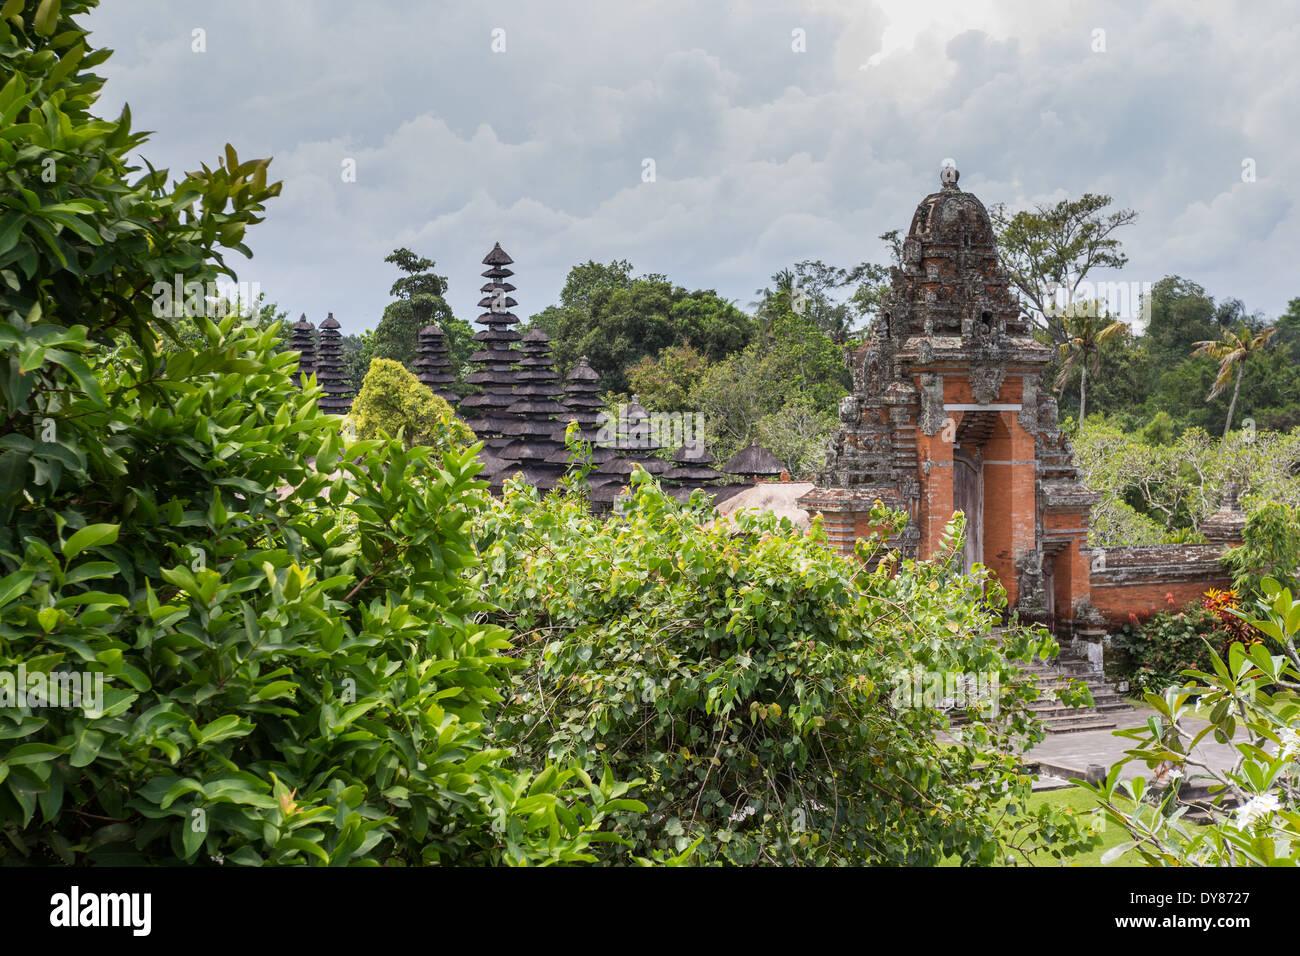 Royal Temple of Mengwi (Pura Taman Ayun) Stock Photo